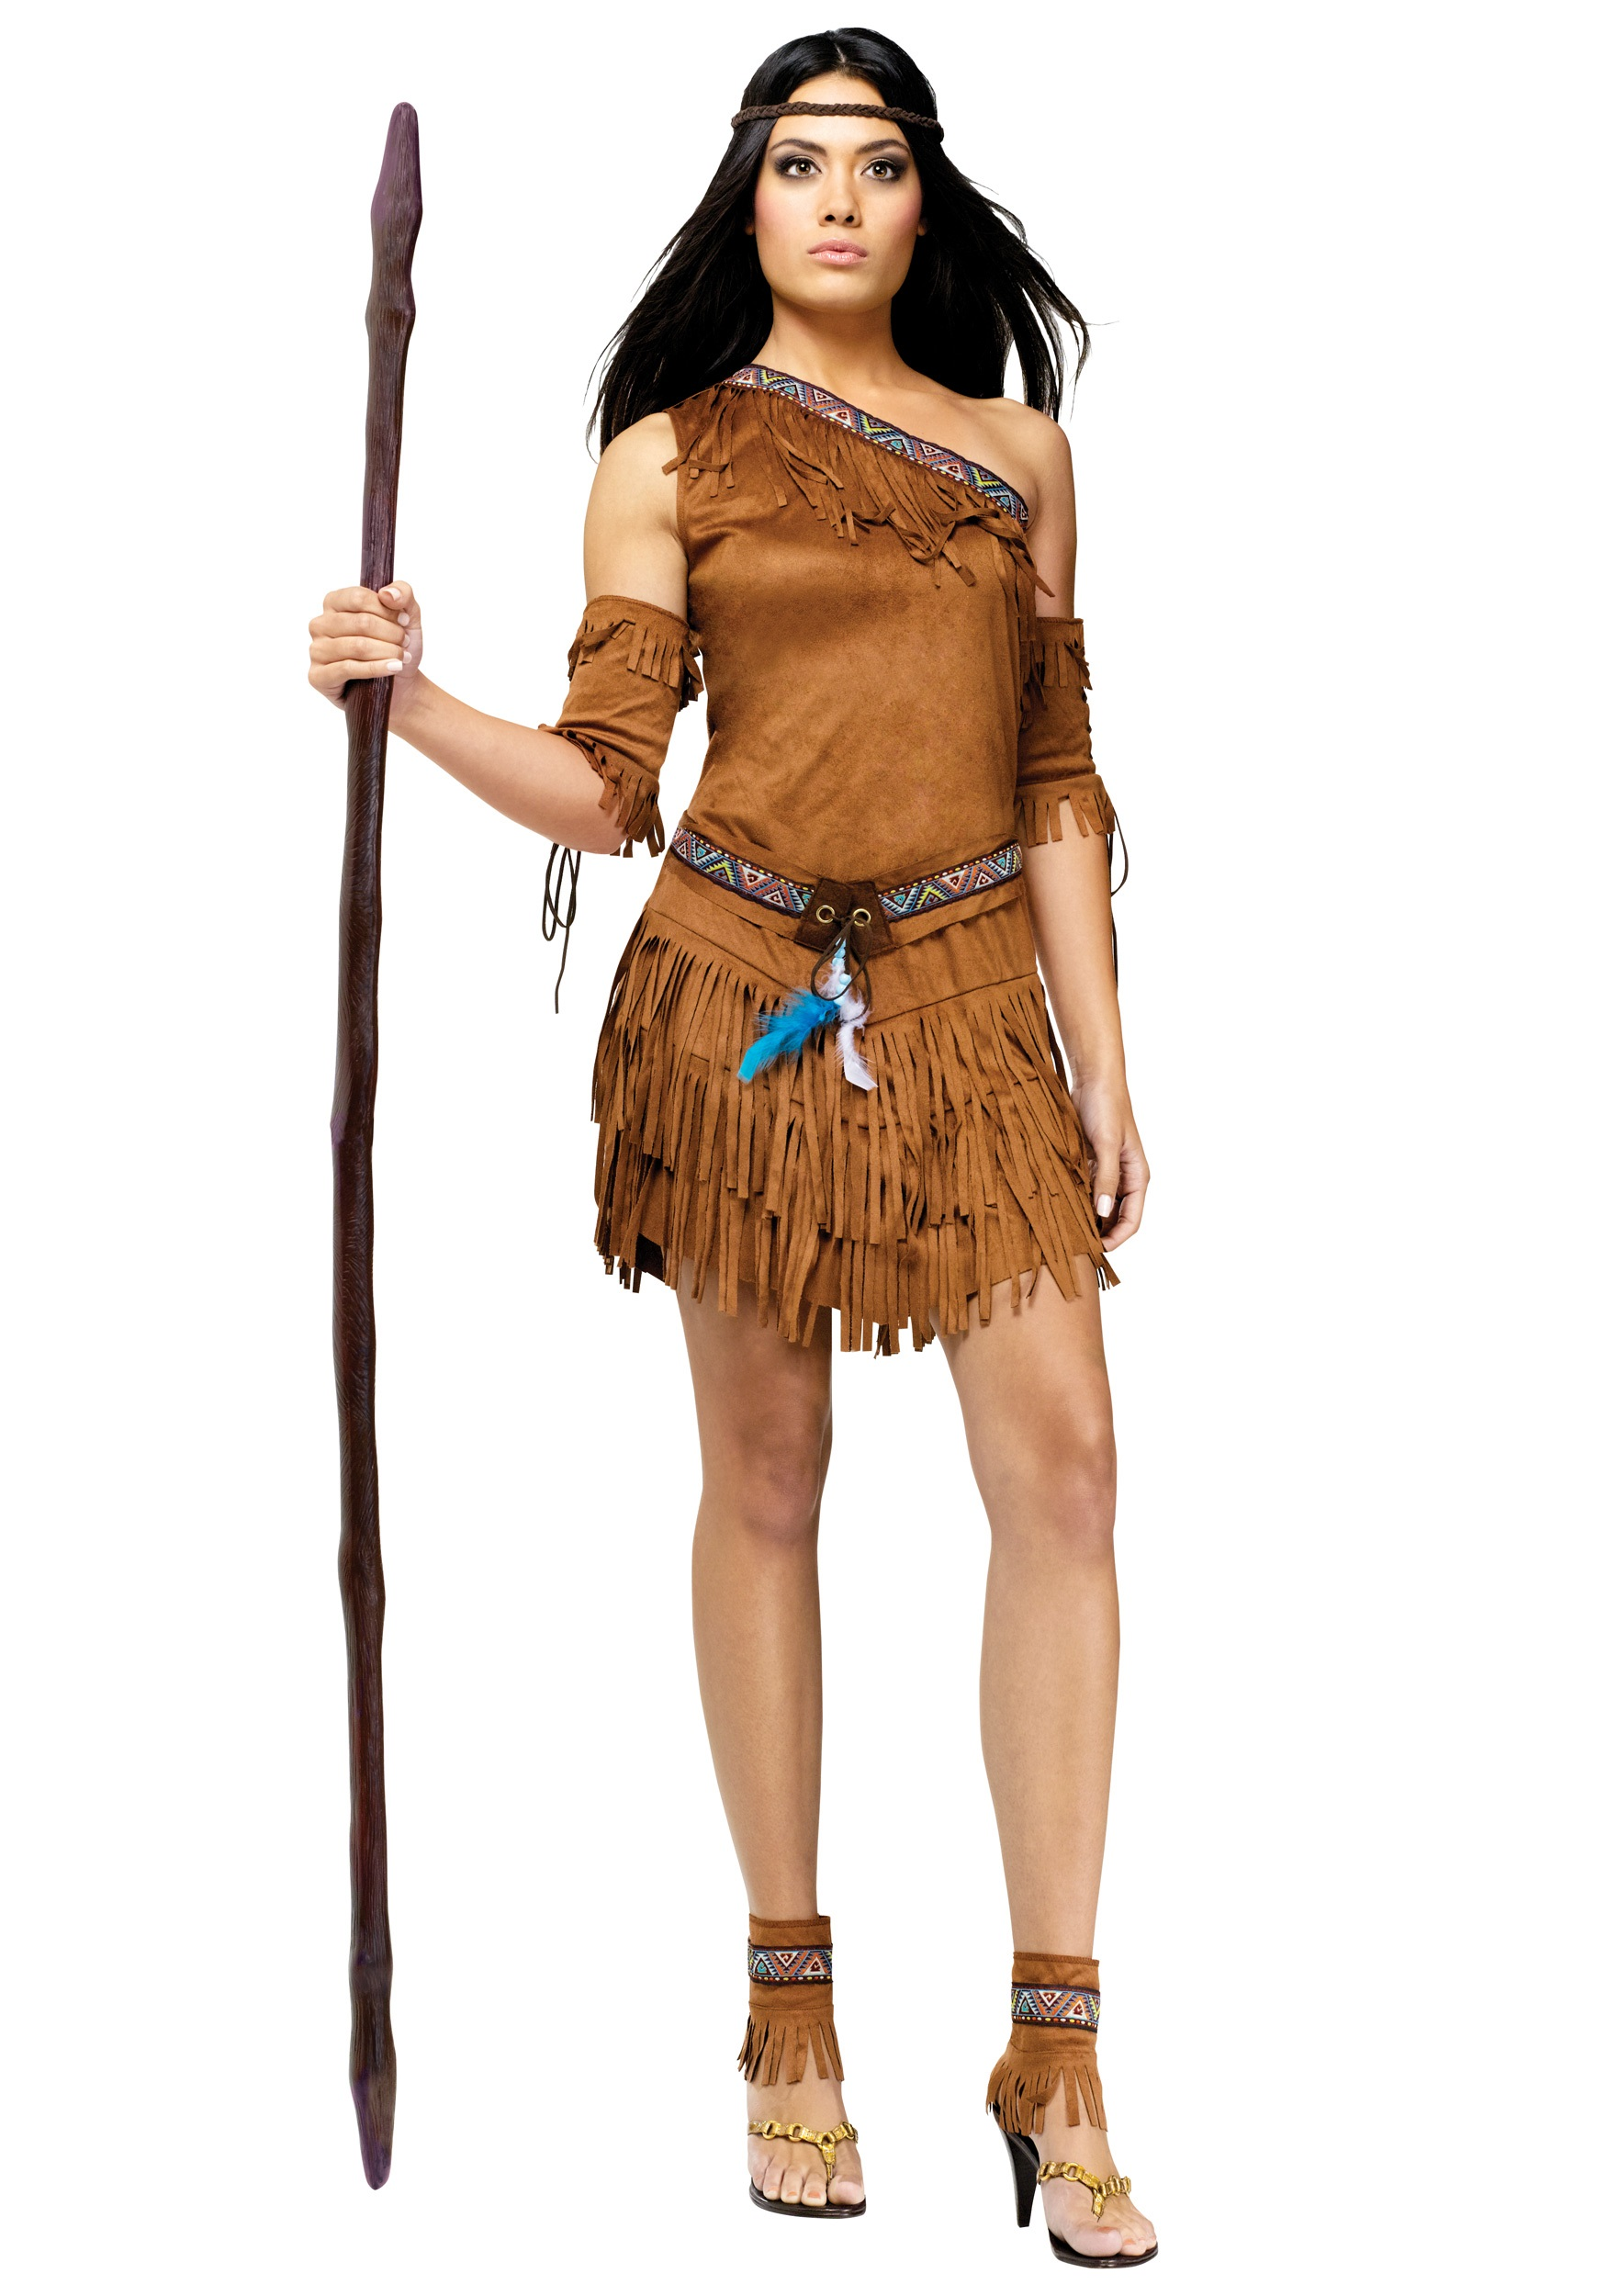 Sexy Native American Costume